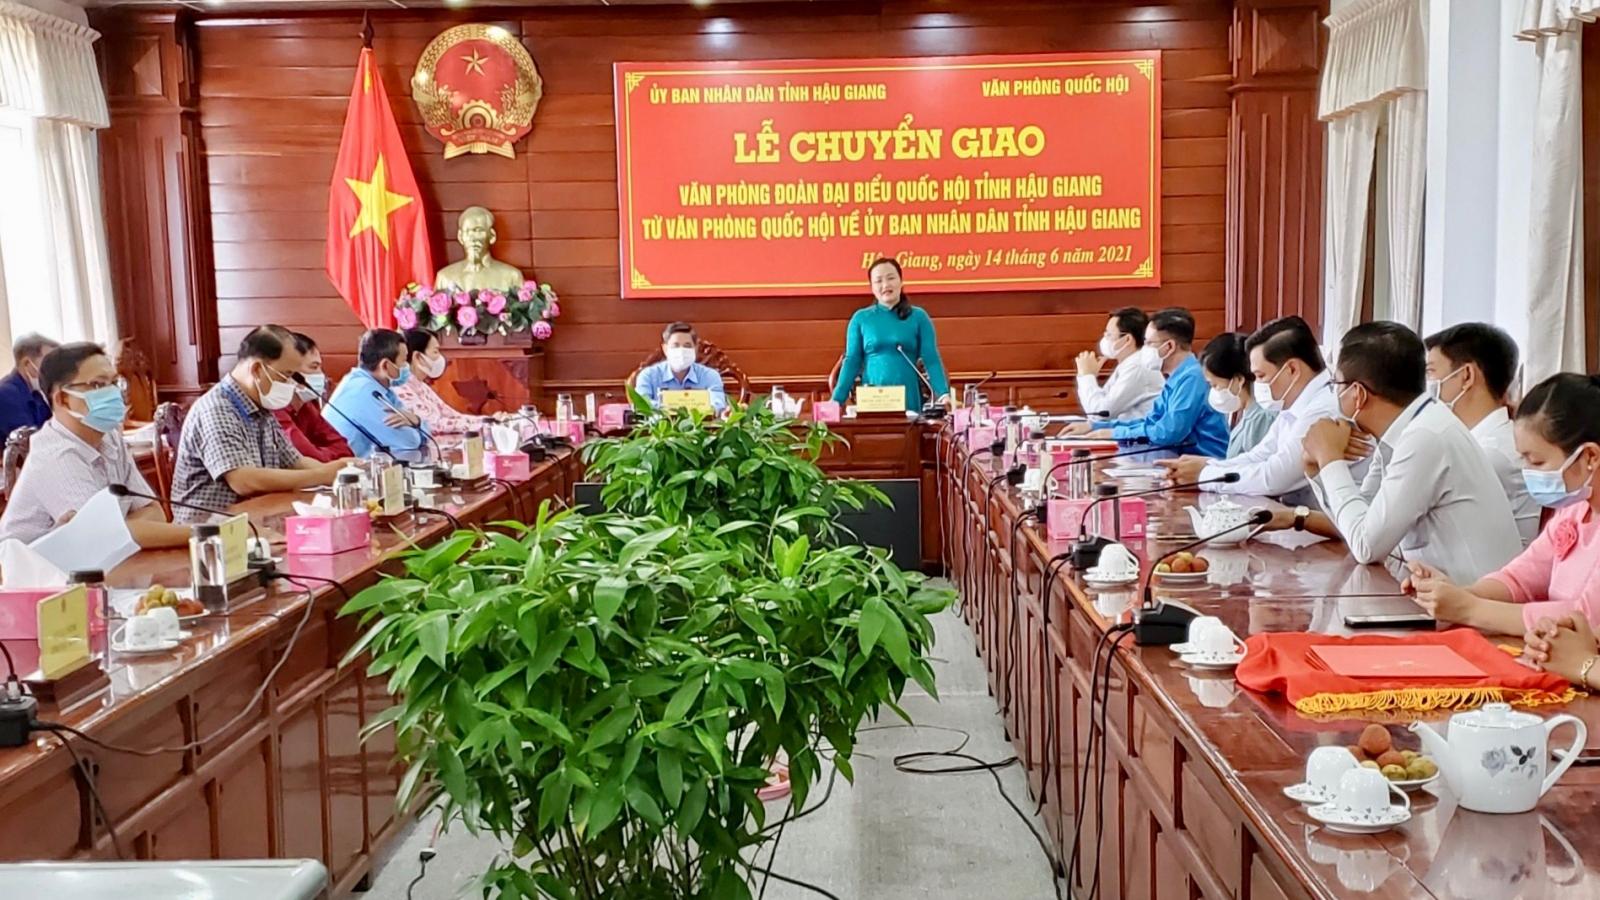 Hậu Giang: Chuyển giao Văn phòng Đoàn ĐBQH tỉnh về UBND tỉnh